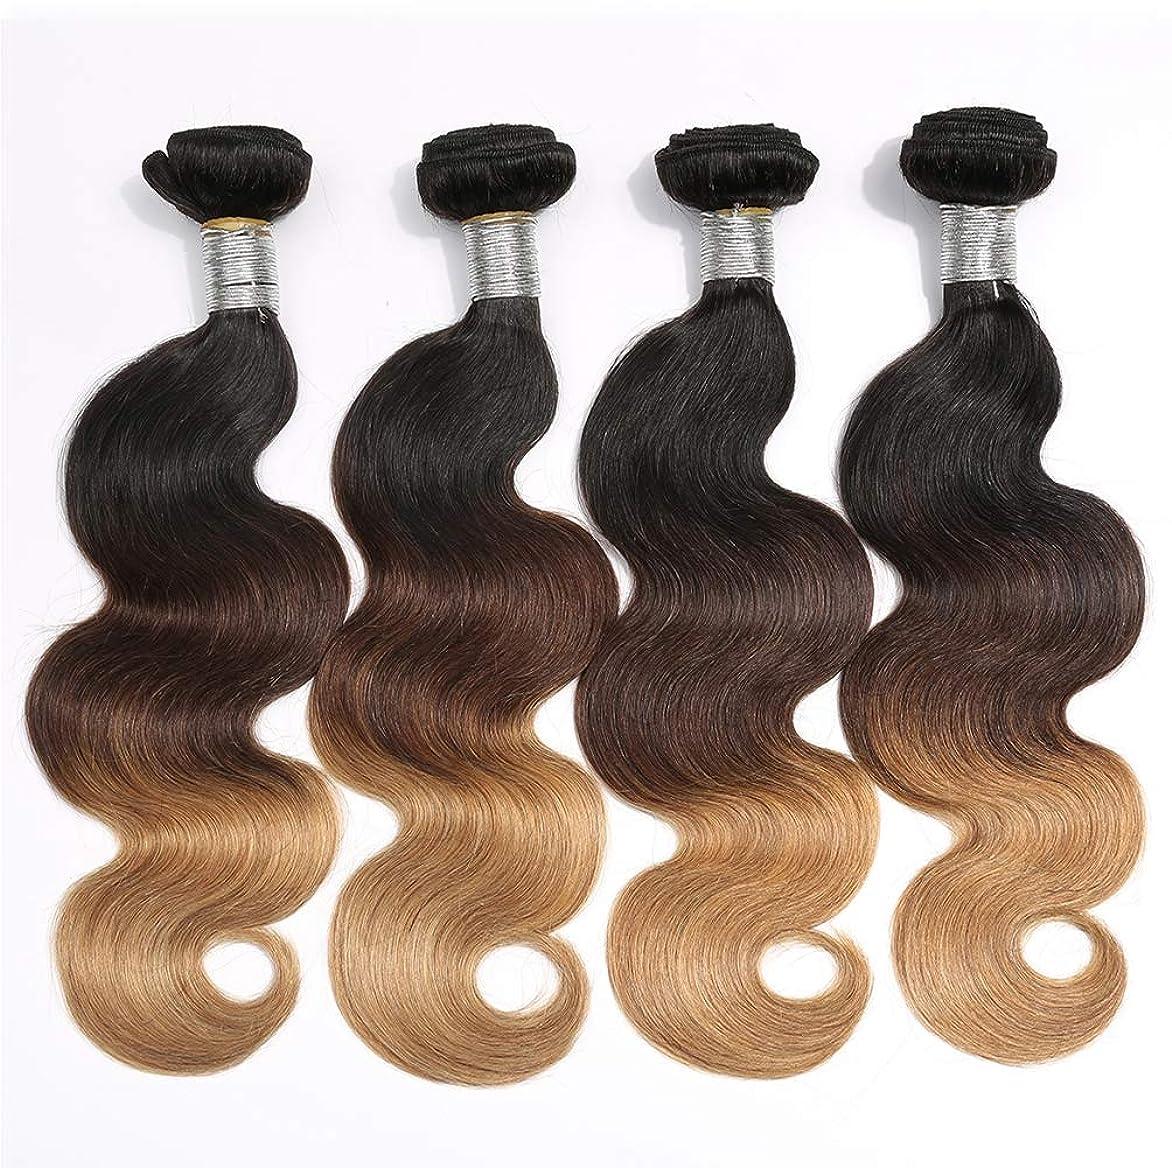 ウイルスそうでなければ電気女性150%密度ブラジル髪の束実体波1バンドル髪の束実体波人間の髪の毛のグラデーション